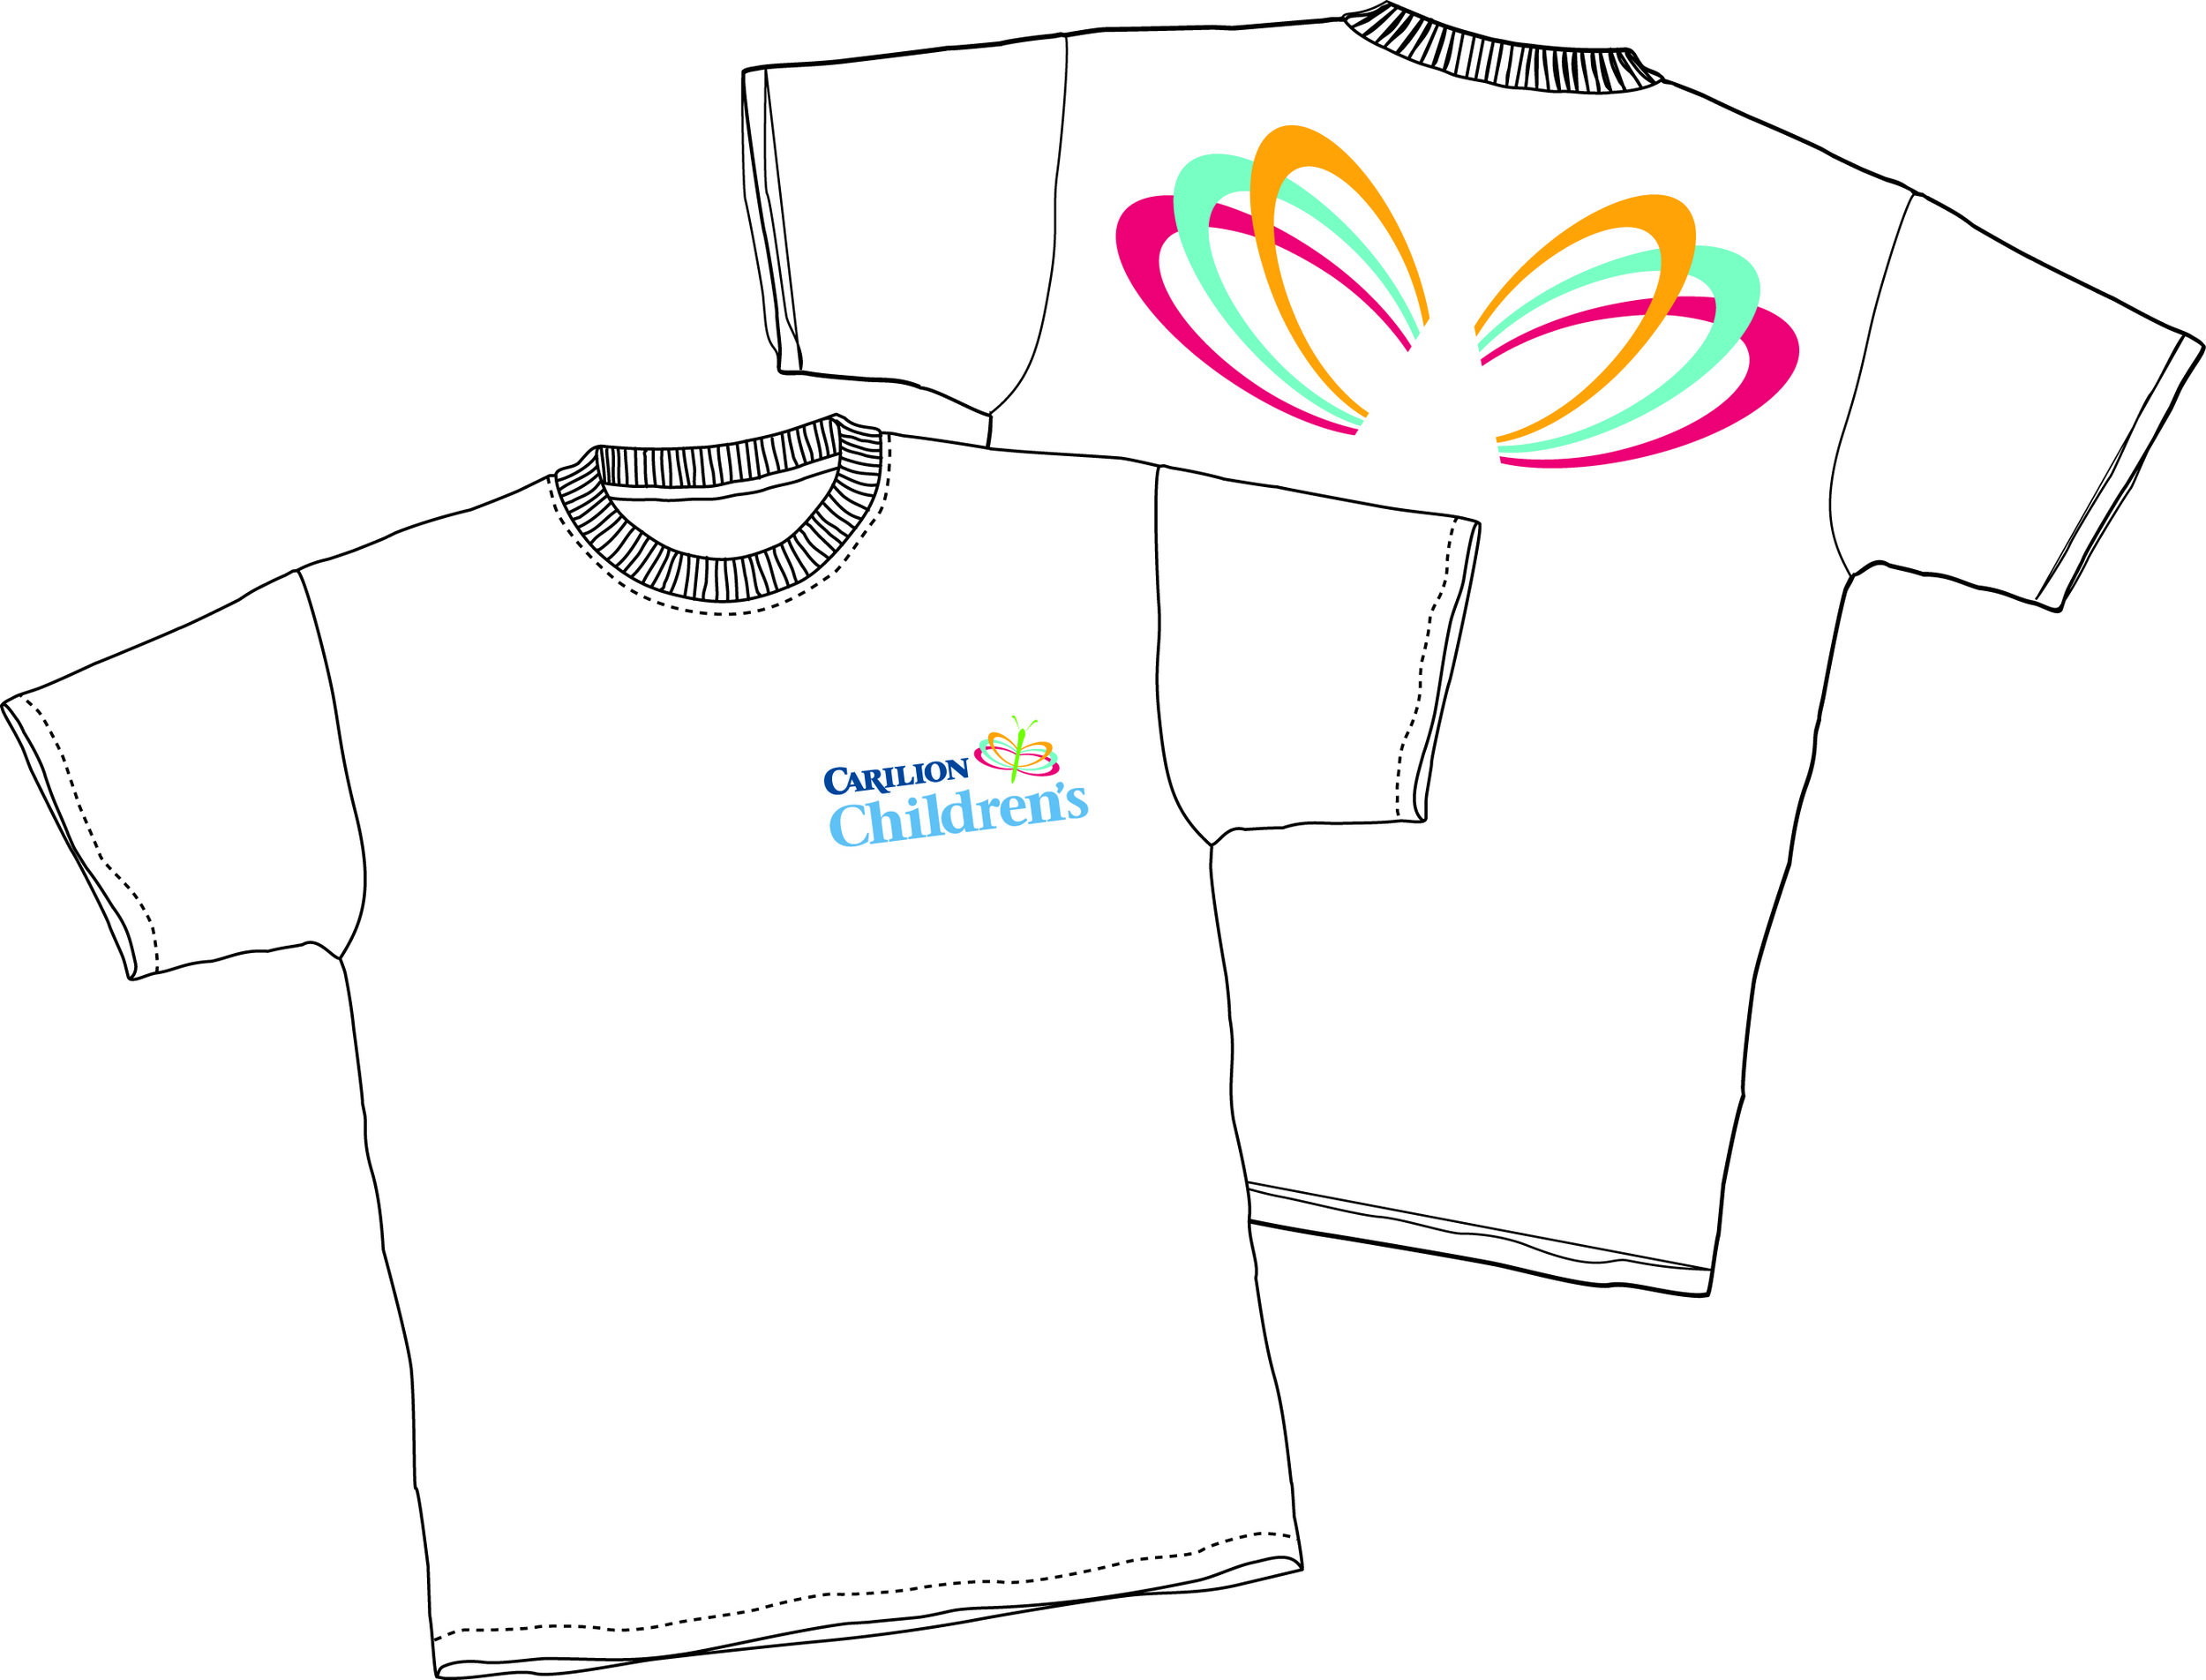 Carilion Childrens Tshirt graphic.jpg